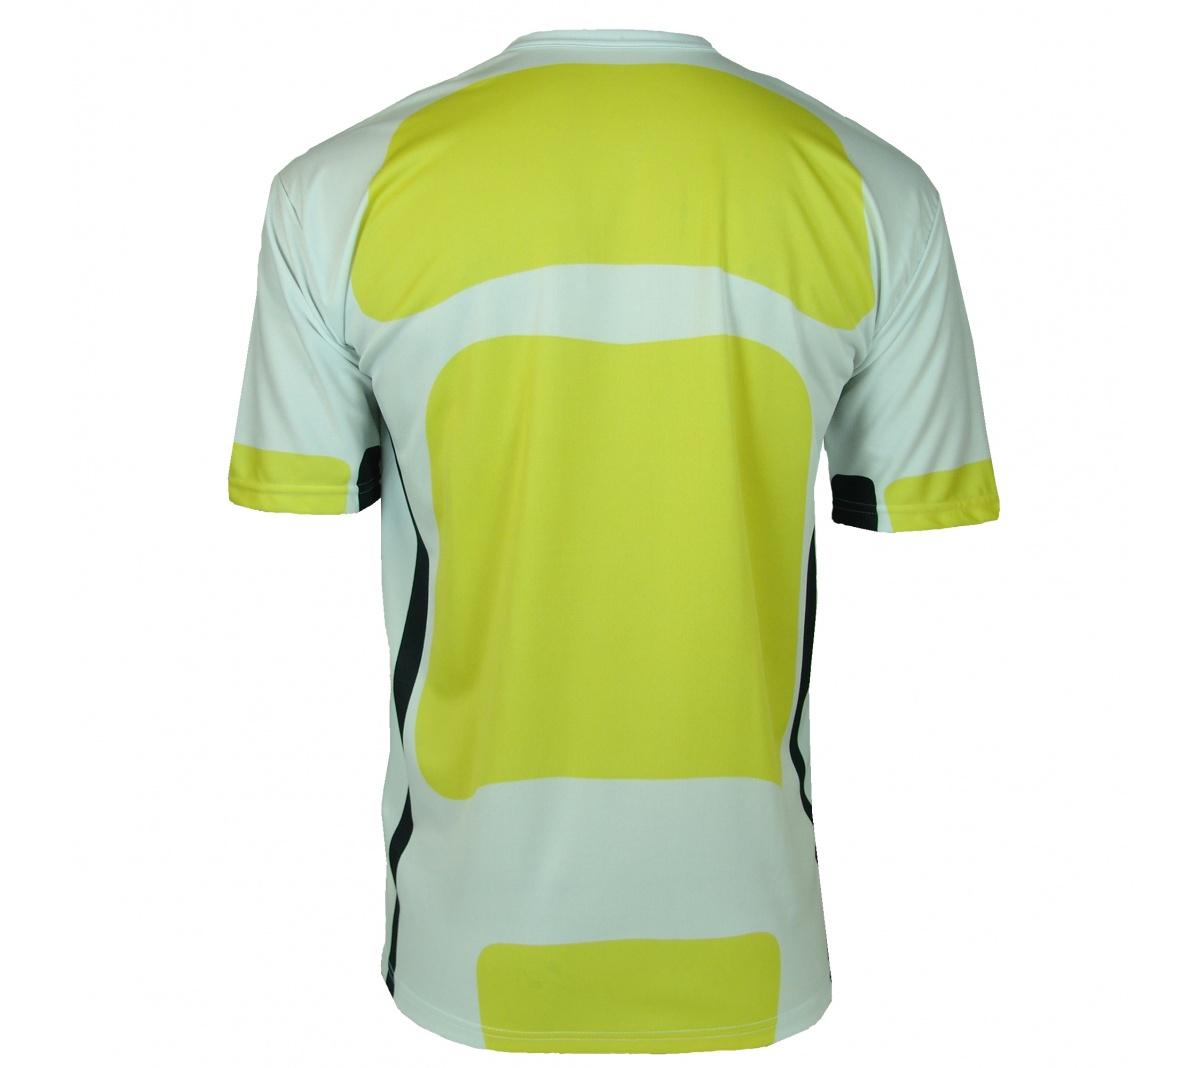 Camisa Placar Beirut Branco e Amarelo - Mundo do Futebol f5624624722a4